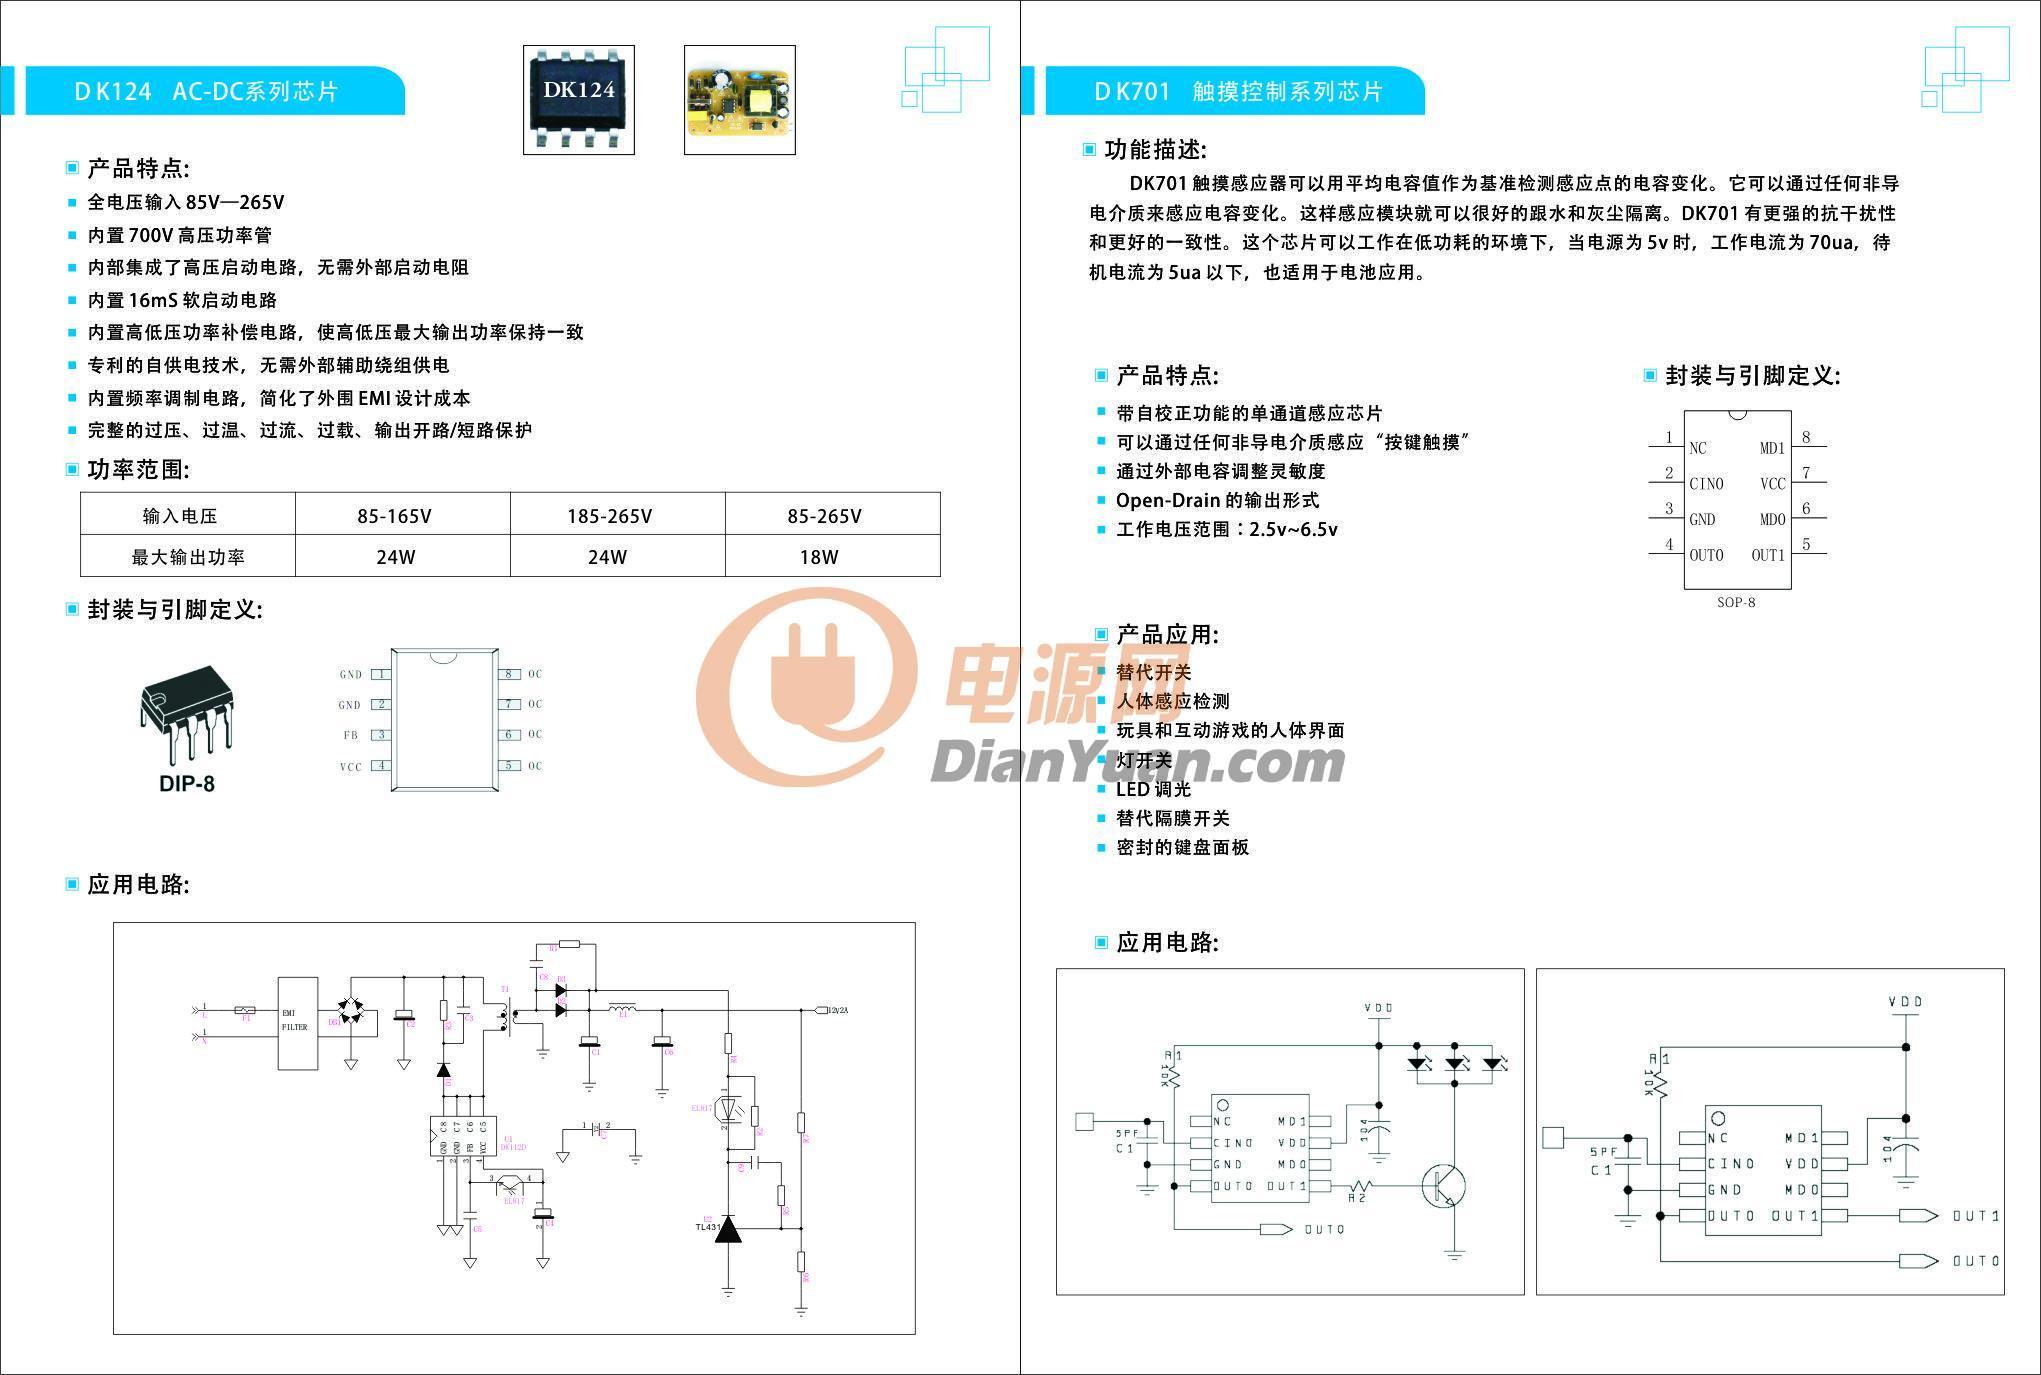 双芯片设计(高压:晶体管 低压:mos管)  6.高压保护电路(85-265v) 7.